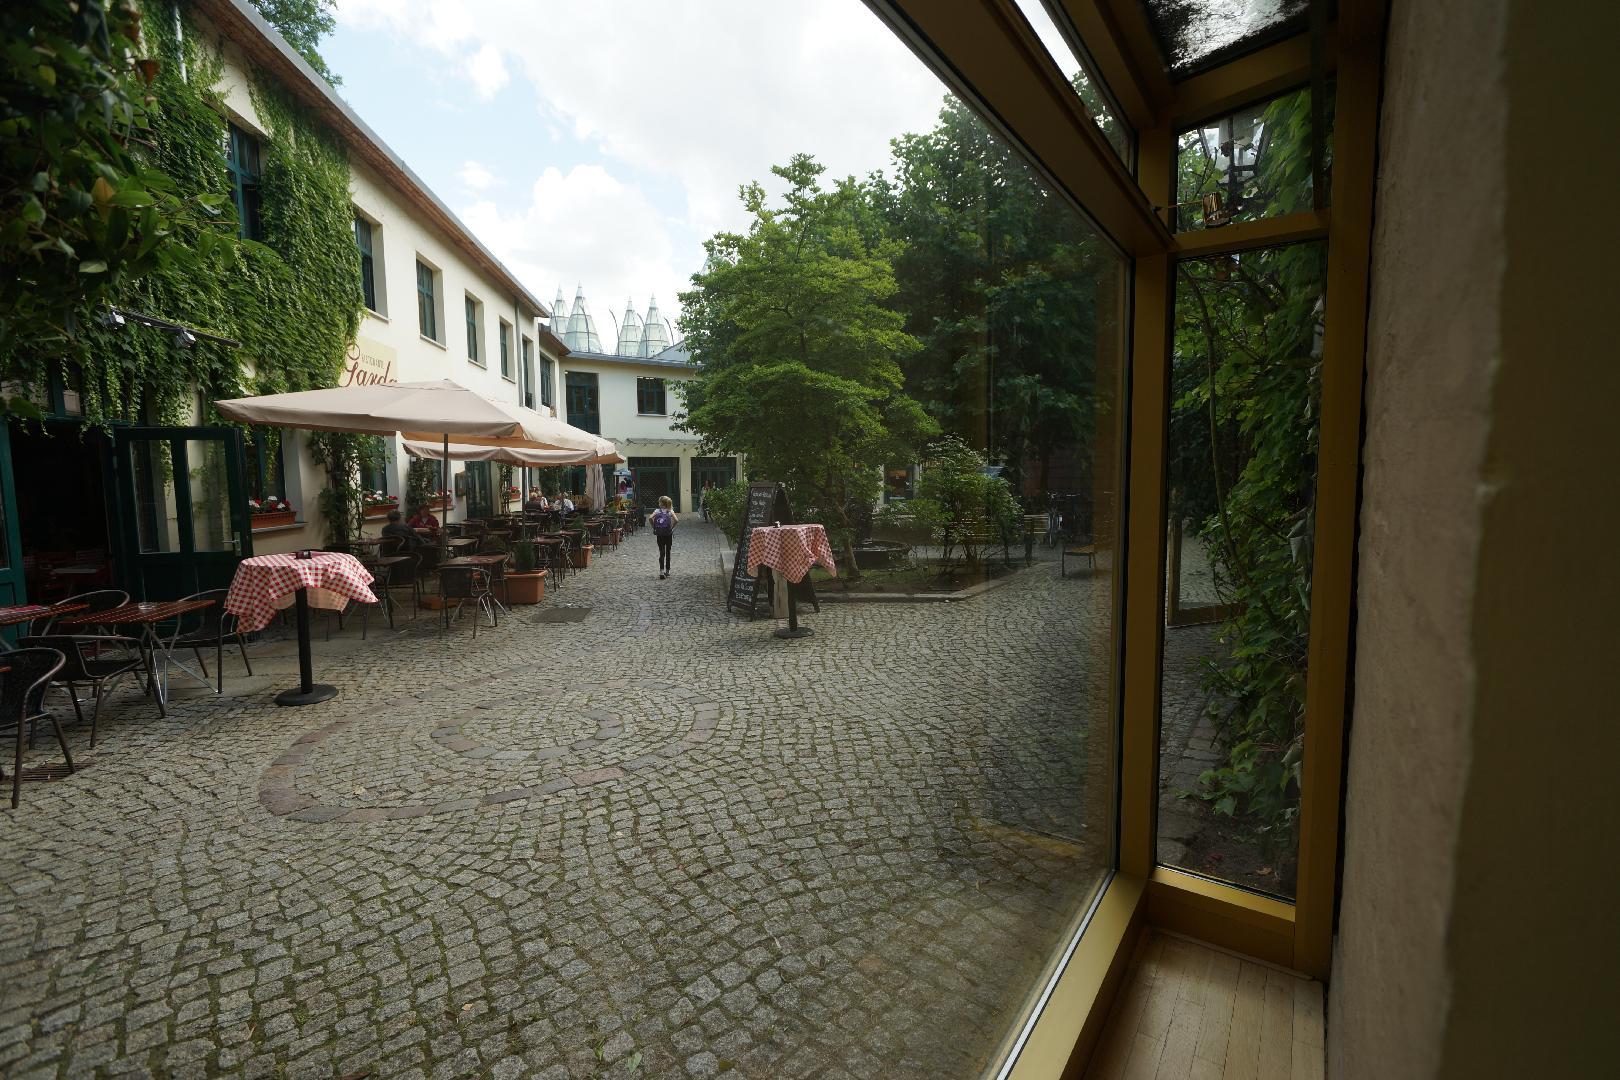 Bild 8 von Großes gerahmtes Schaufenster als Werbefläche in Berlin-Mitte